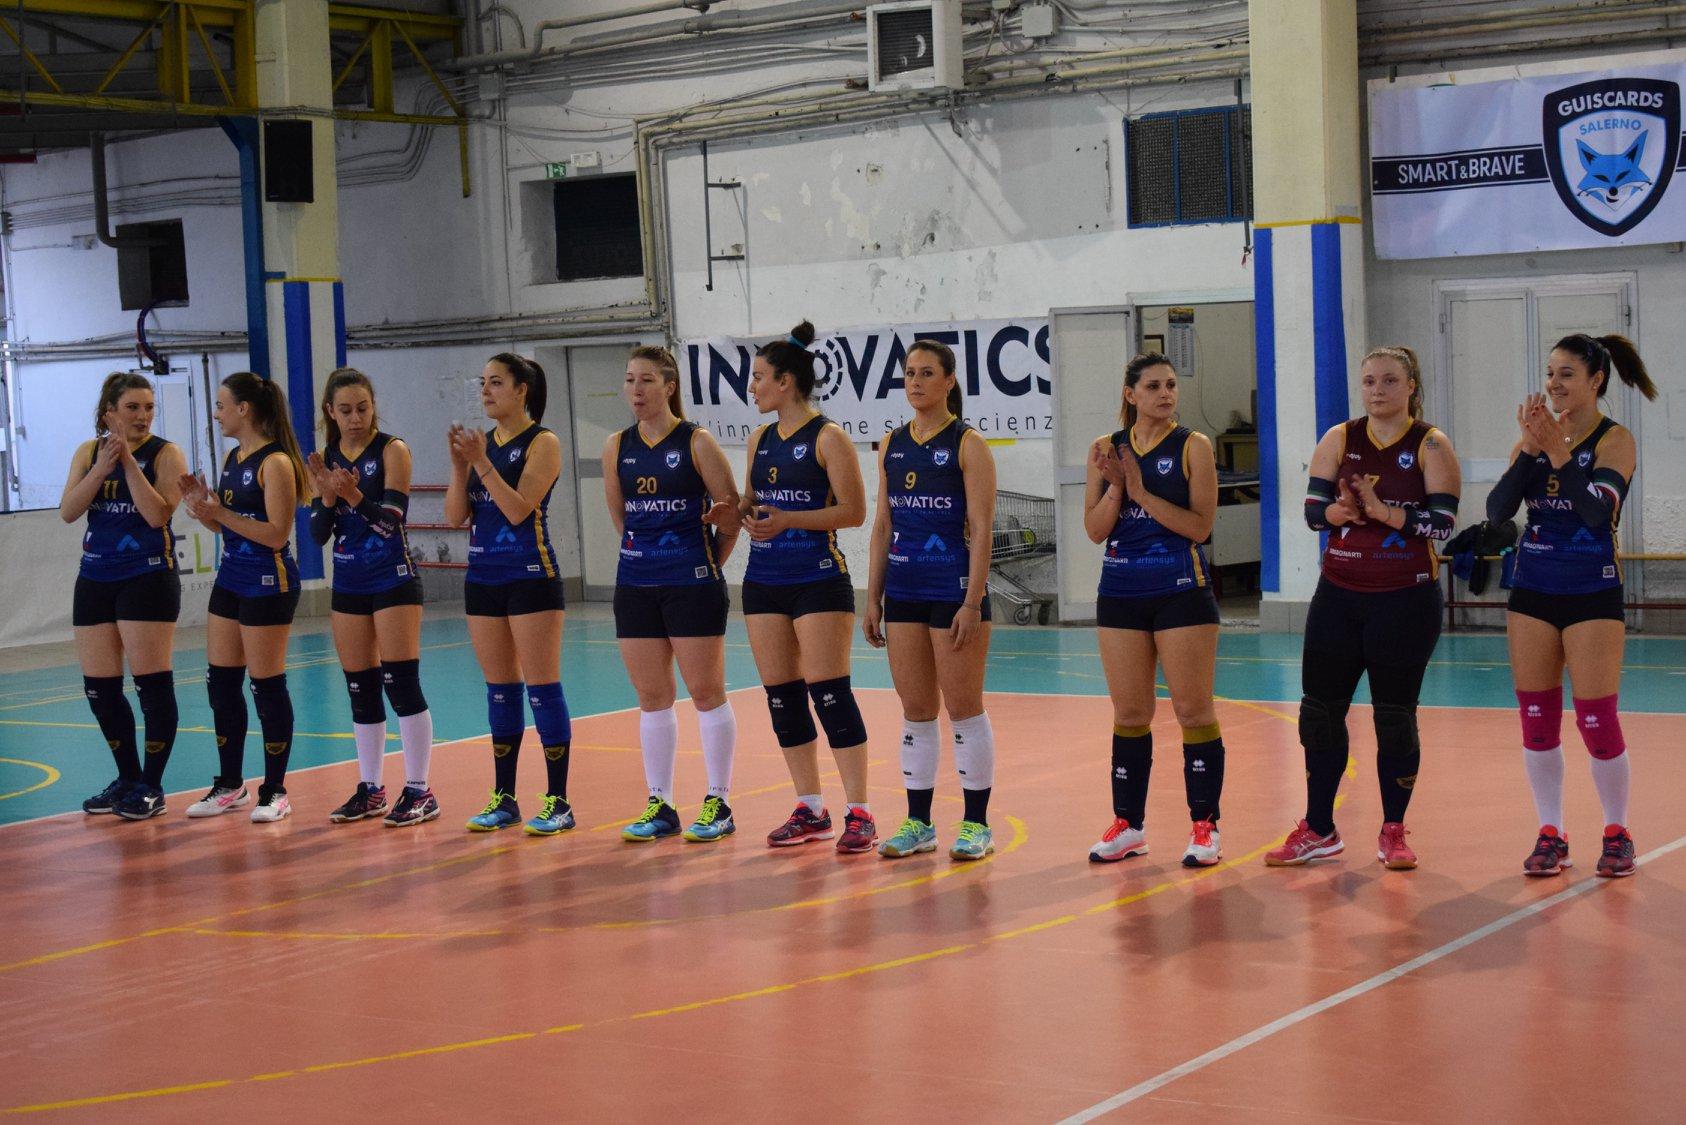 La Salerno Guiscards volley a un passo dai play off